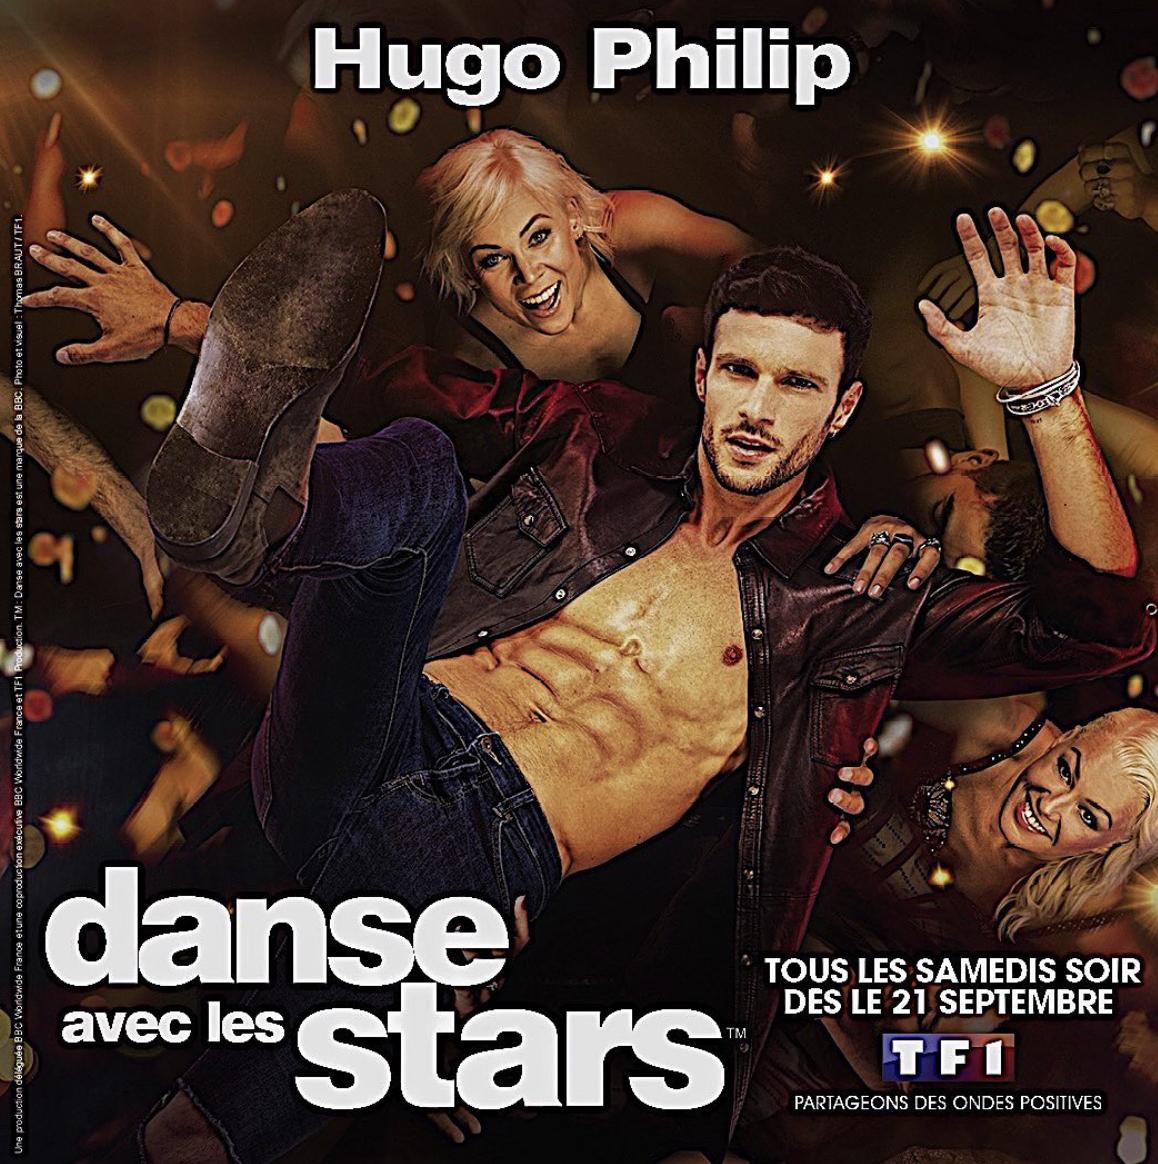 Hugo Philip - DALS 10 - DALS - Danse Avec Les Stars 10 - Danse Avec Les Stars - TF1 - Candice Pascal